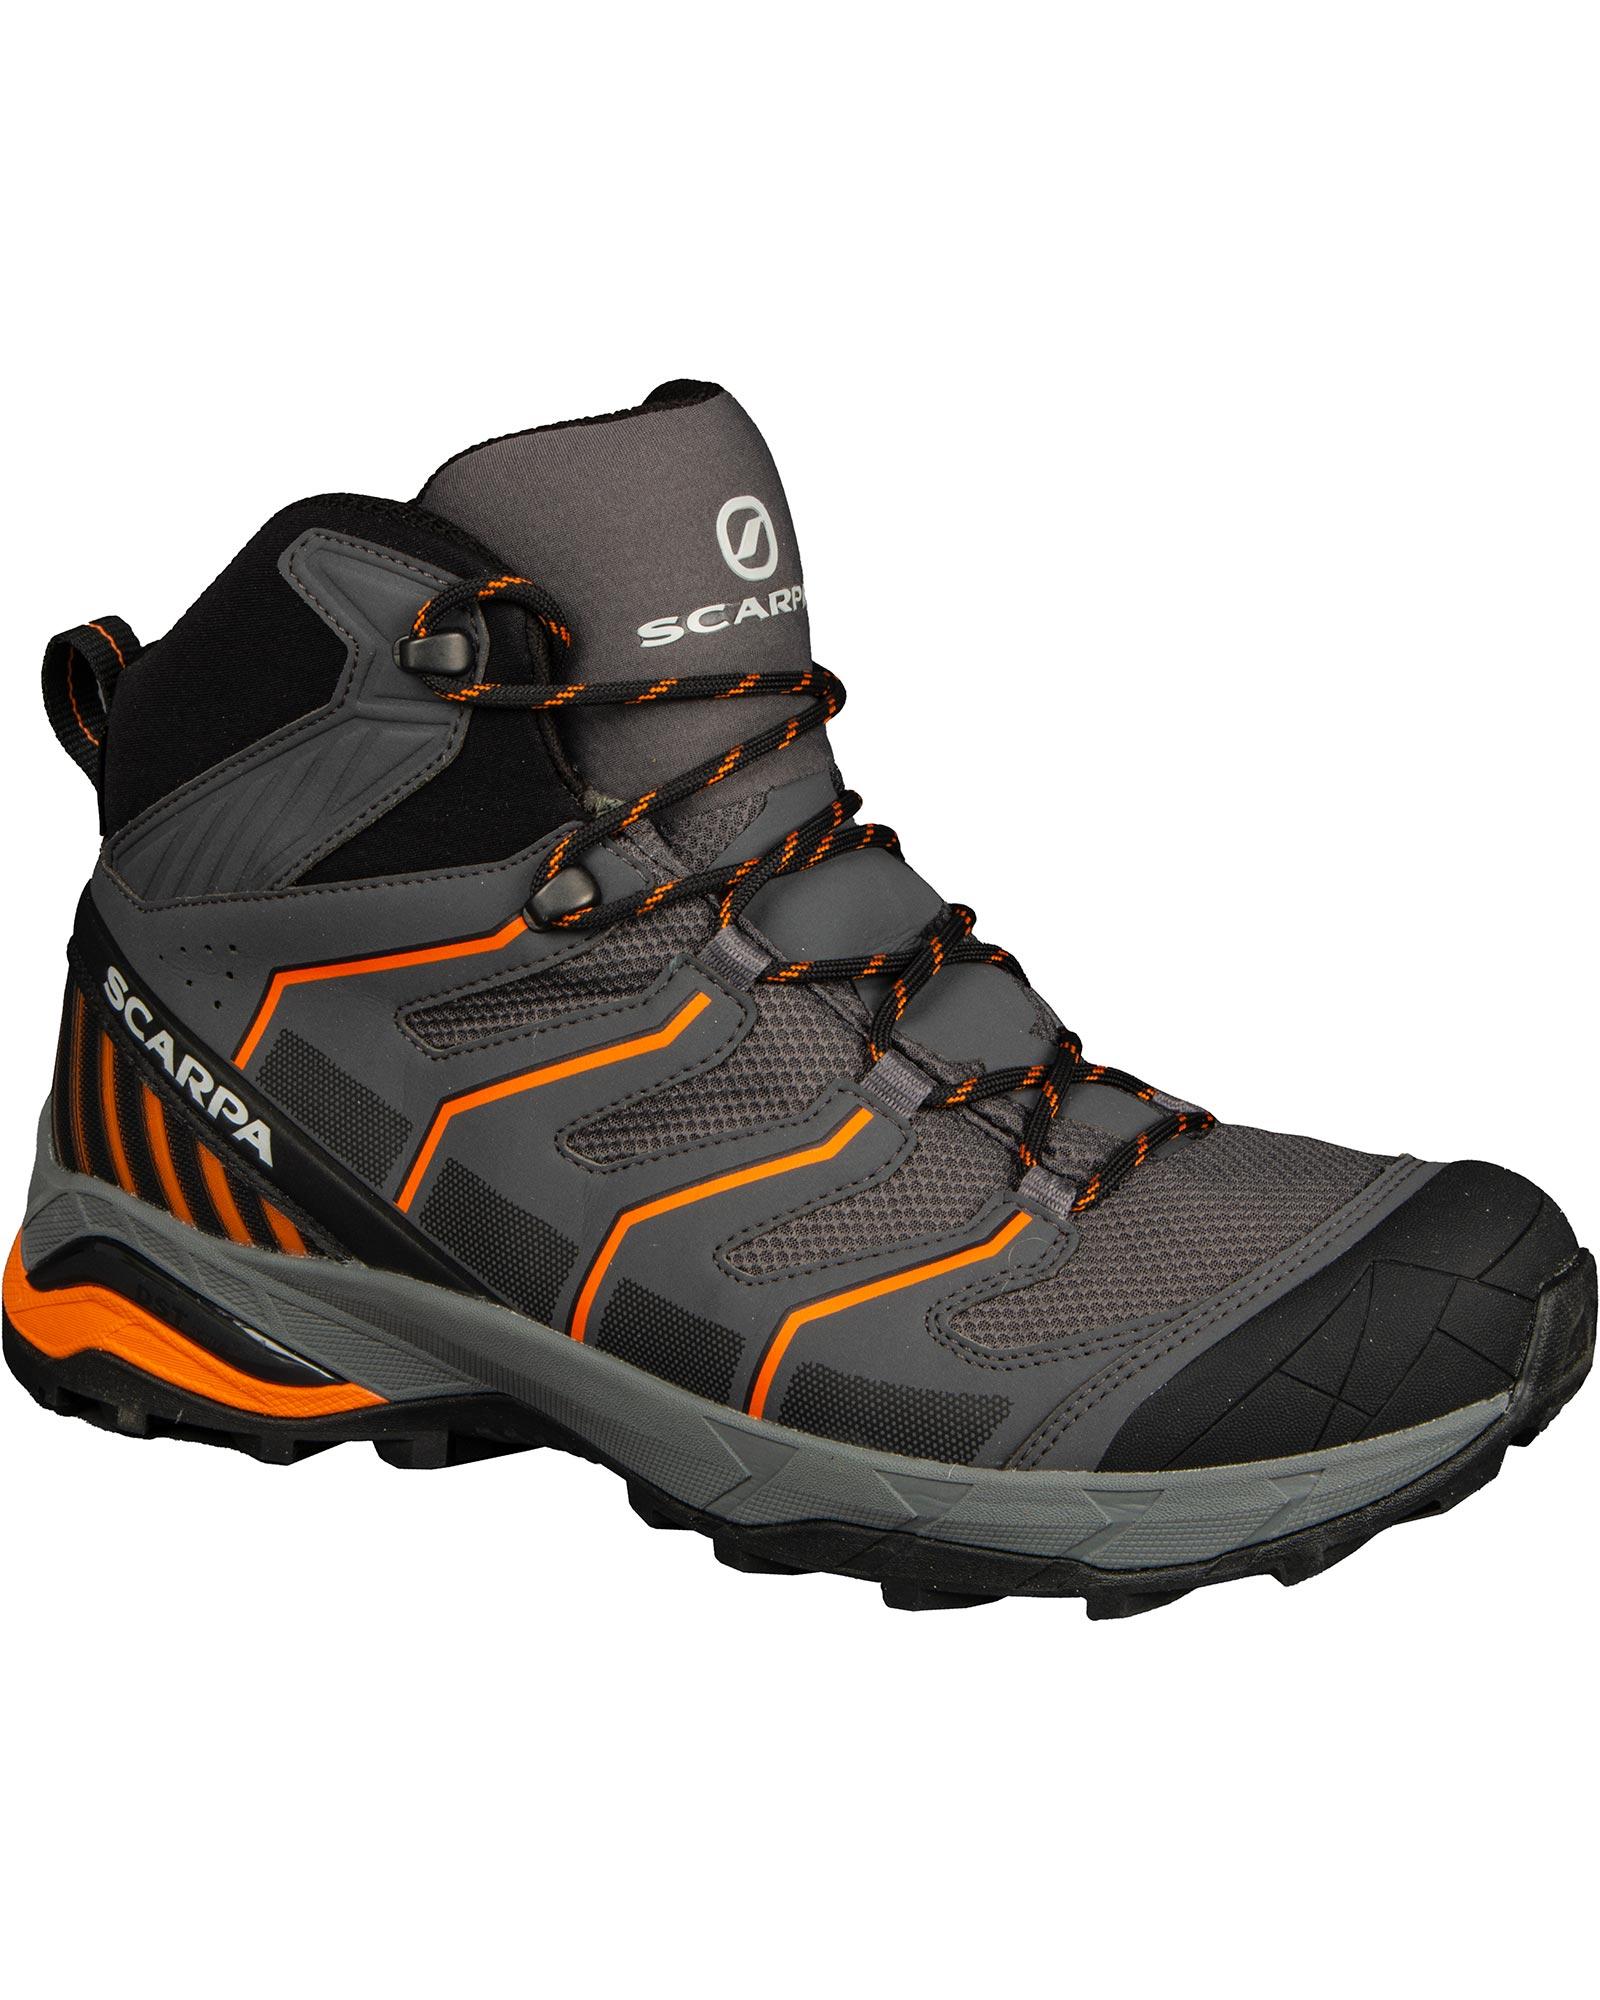 Scarpa Maverick GORE-TEX Men's Boots 0